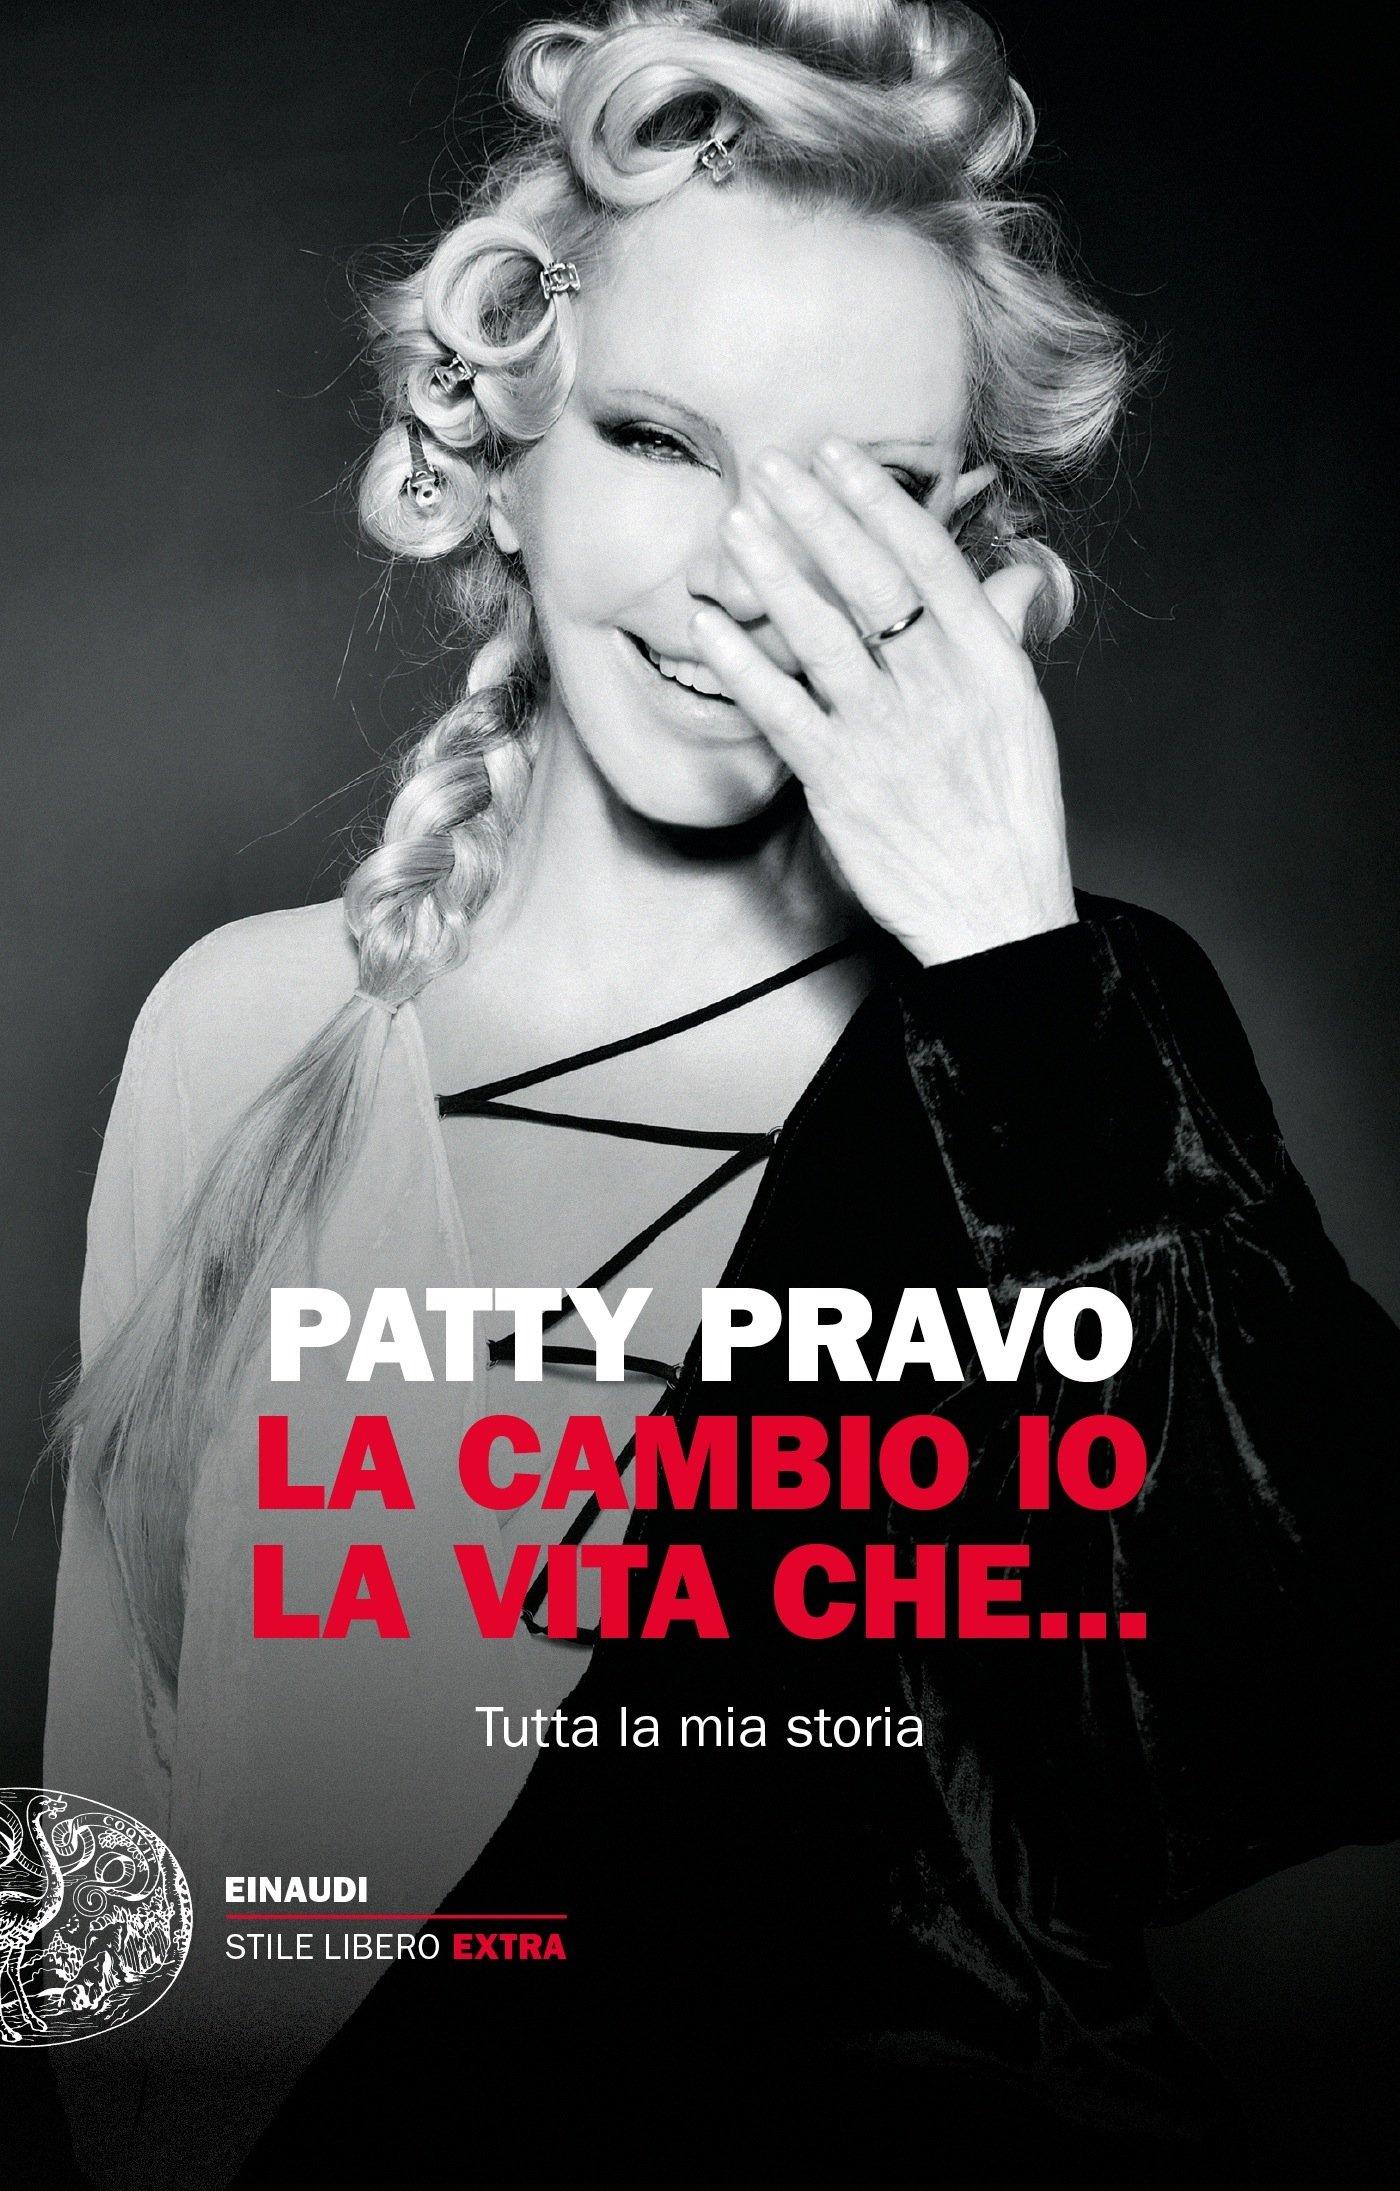 PATTY PRAVO «La cambio io la vita che… Tutta la mia storia» (Einaudi Stile Libero Extra)